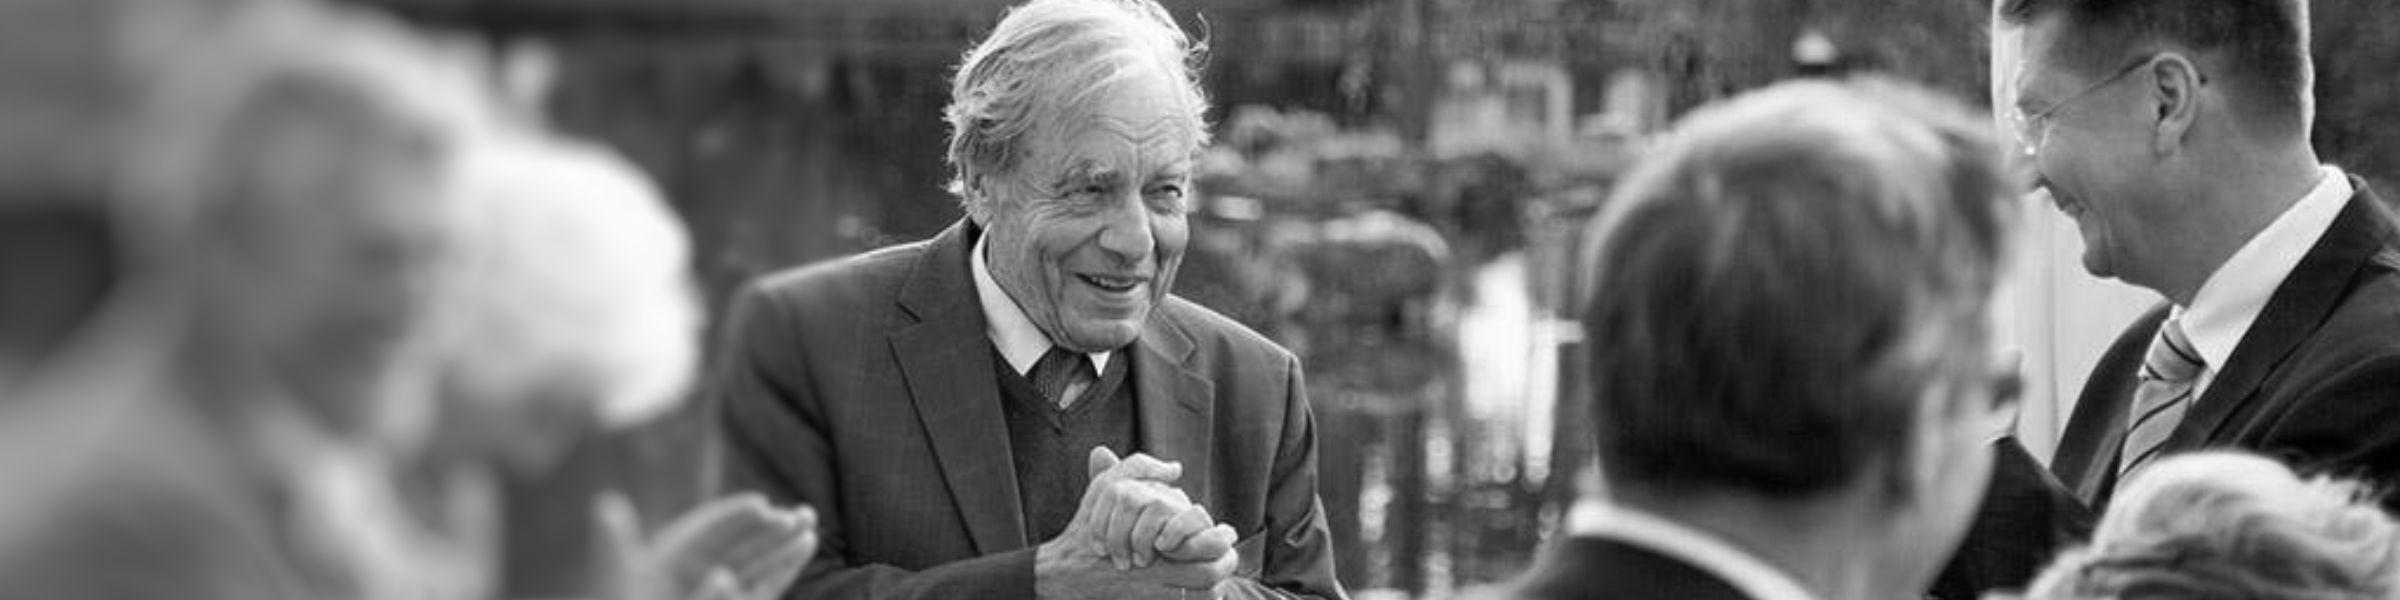 Gestern Abend erreichte uns die traurige Nachricht, dass unser Ehrenvorsitzender Elmar Pieroth von uns gegangen ist. Er starb im Alter von 83 Jahren nach kurzer schwerer Krankheit. Er hat nicht nur unseren Kreisverband tief geprägt. Er ist mir in den vergangenen Jahrzehnten guter Freund und herausragender Mentor gewesen. Ich bin sehr traurig.